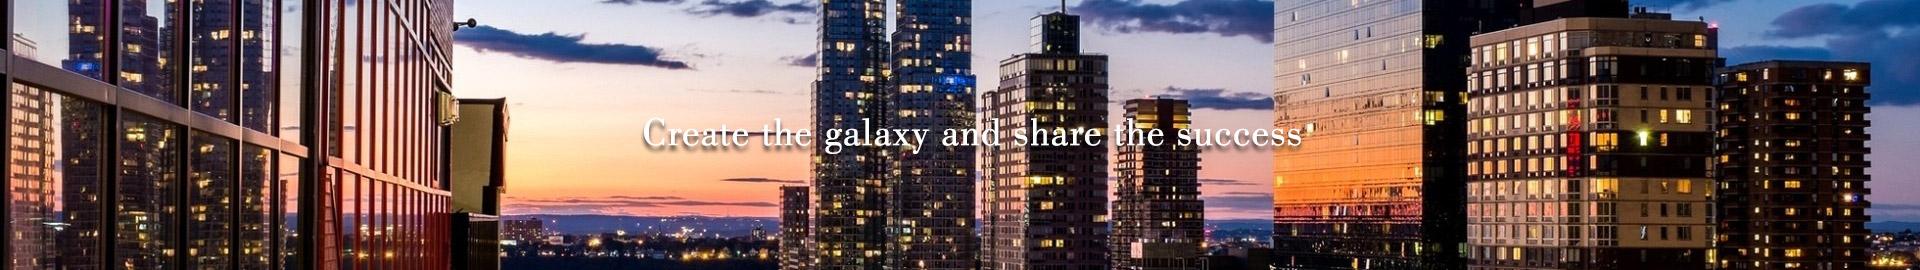 银河电气科技有限公司-关于我们